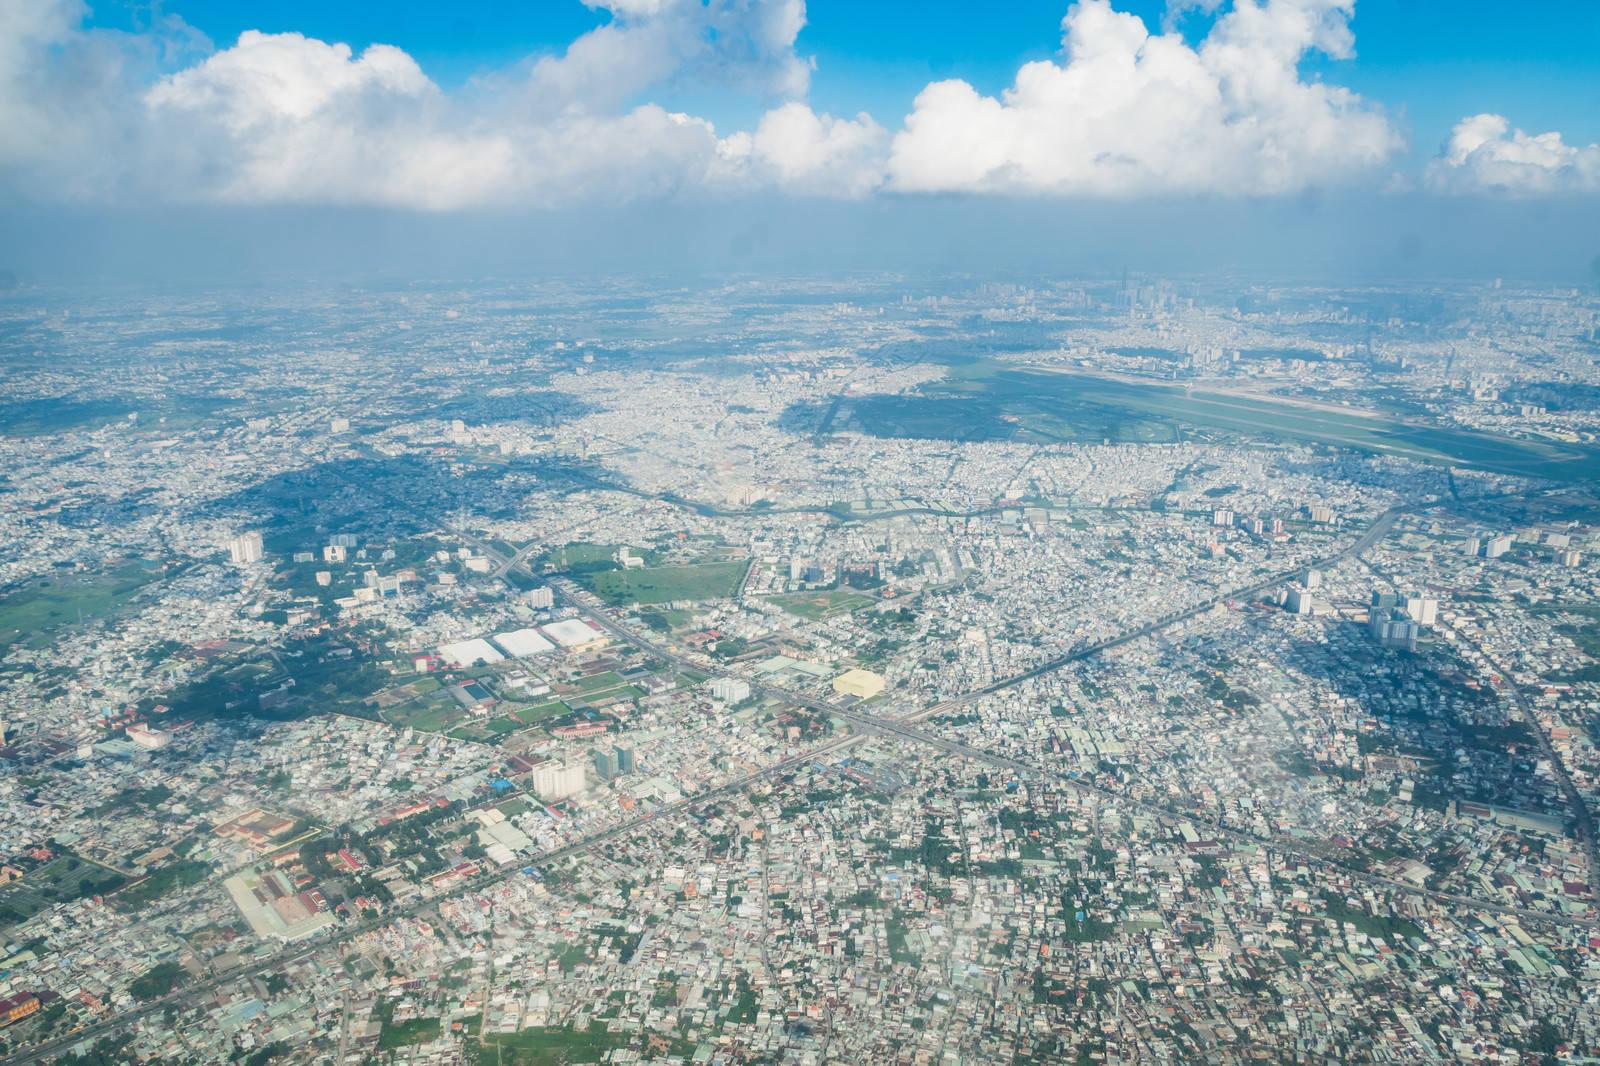 「ベトナムの街並み(上空から)」の写真